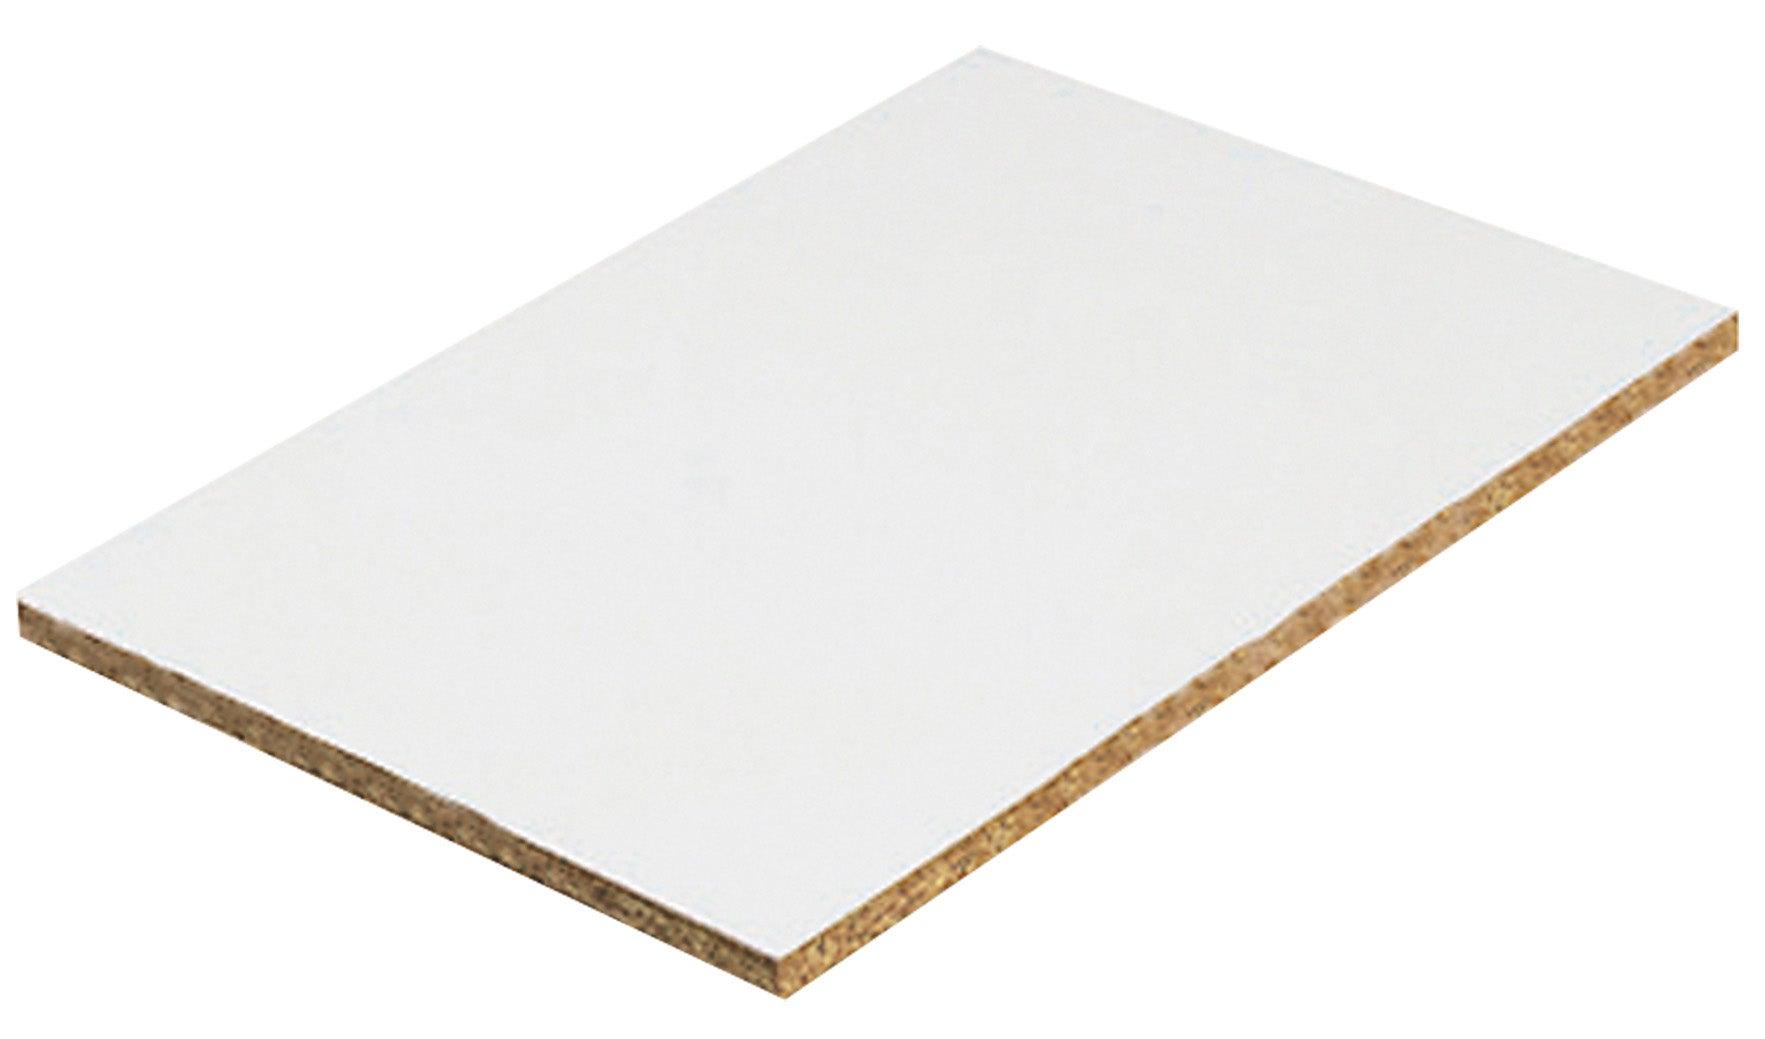 blanc ep 18 mm x l 250 x l 125 cm